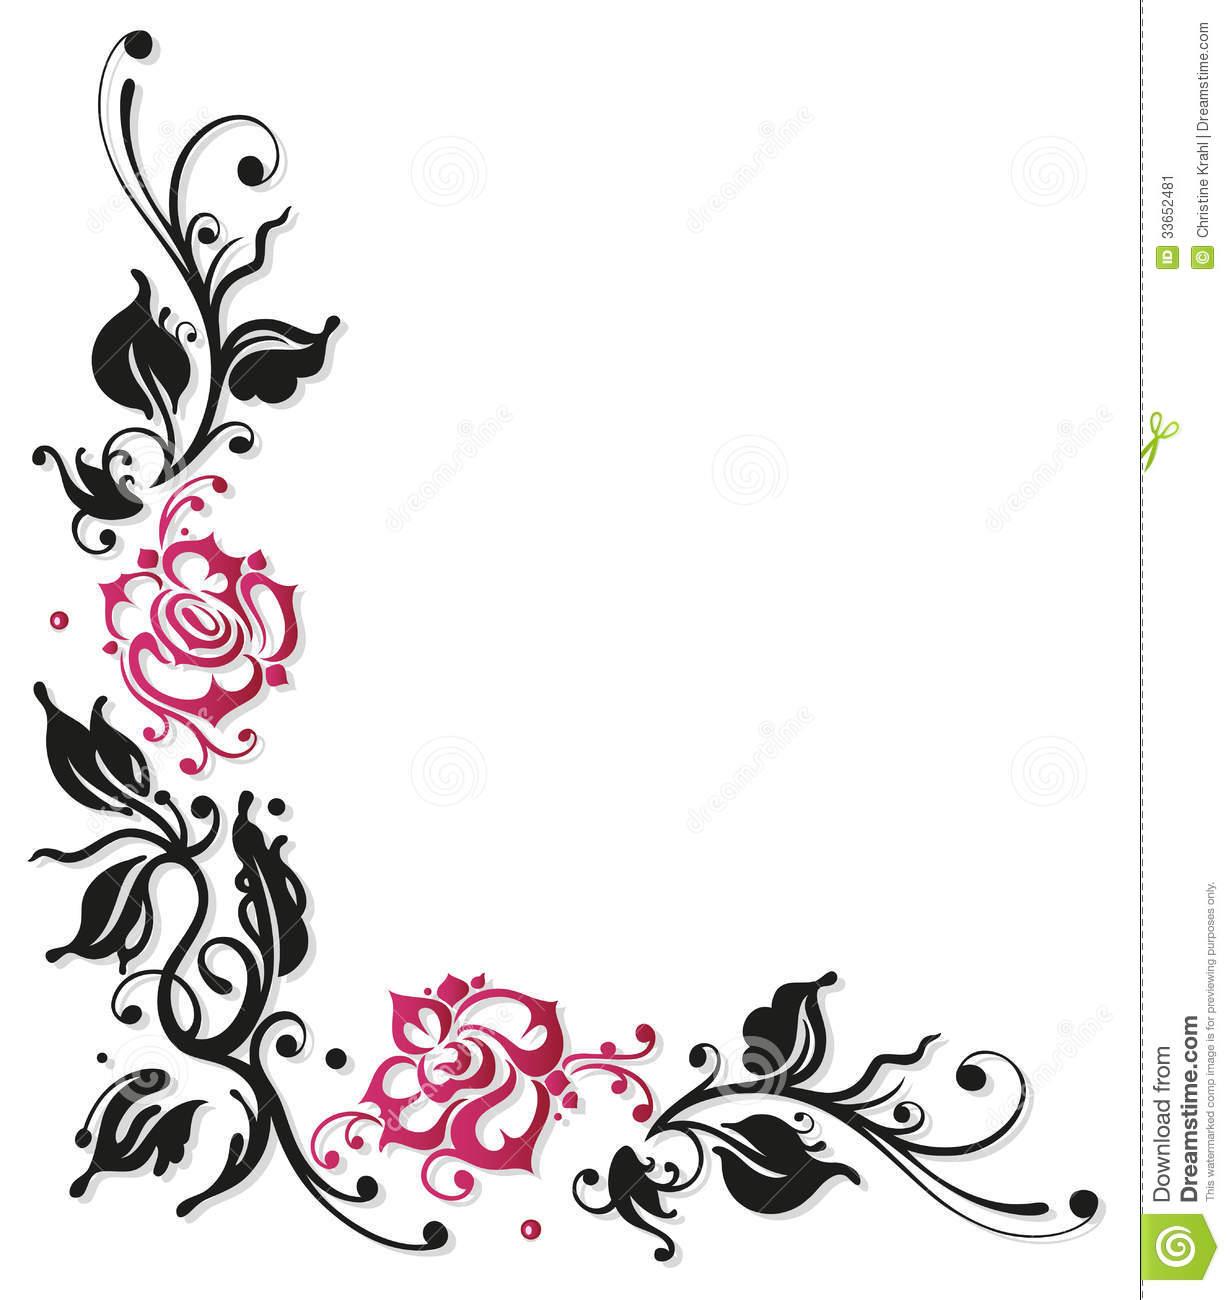 Rose border clipart black and white jpg black and white stock Rose Border Clipart | Free download best Rose Border Clipart ... jpg black and white stock